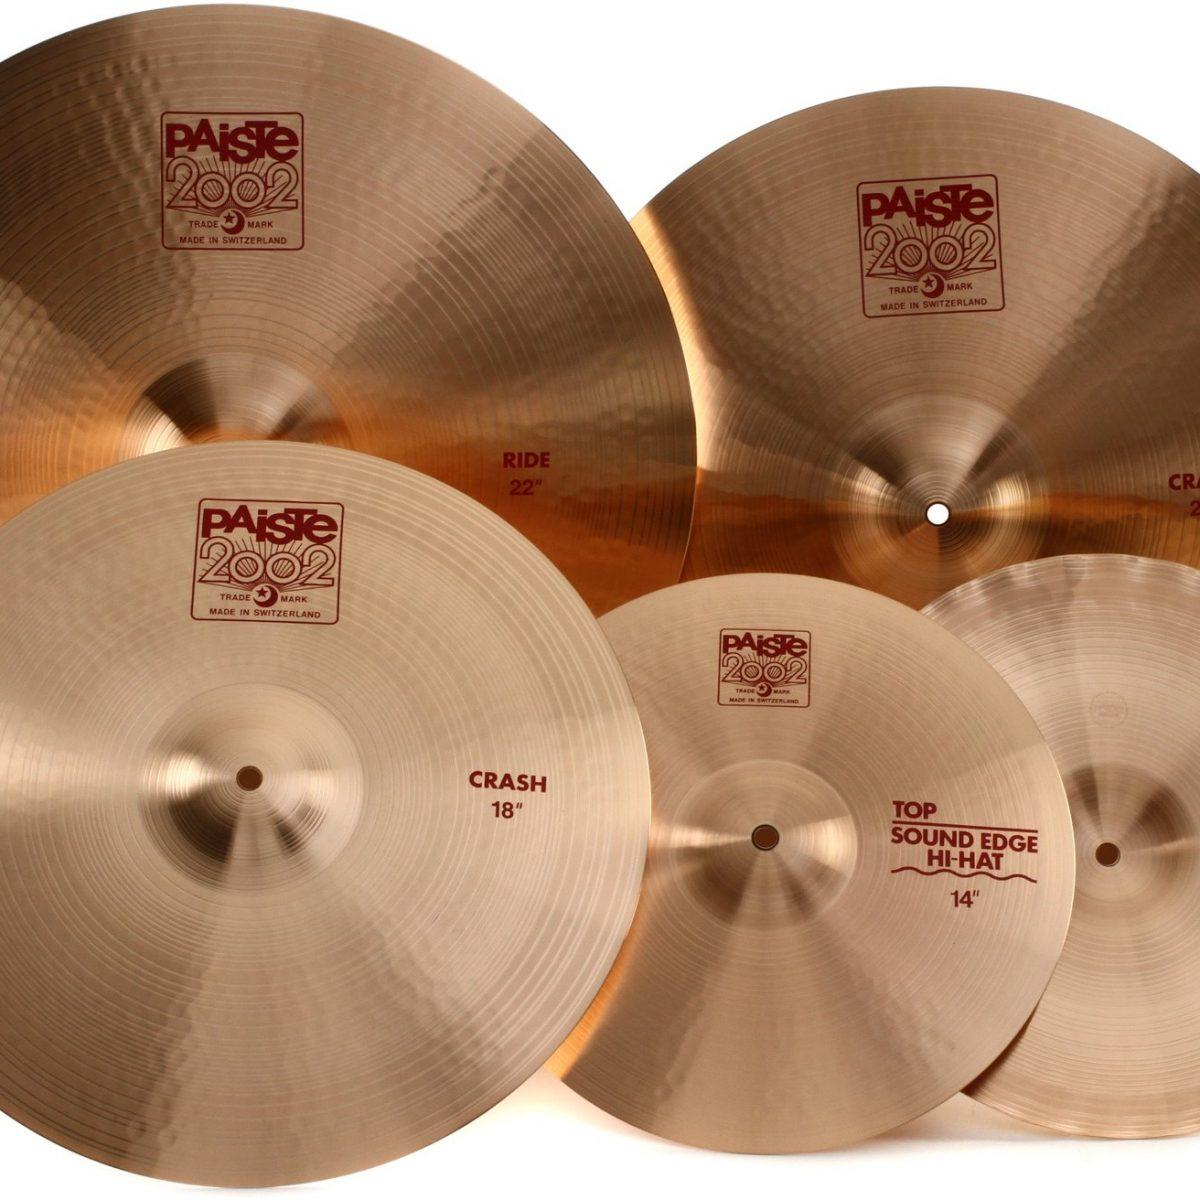 paiste cymbals best